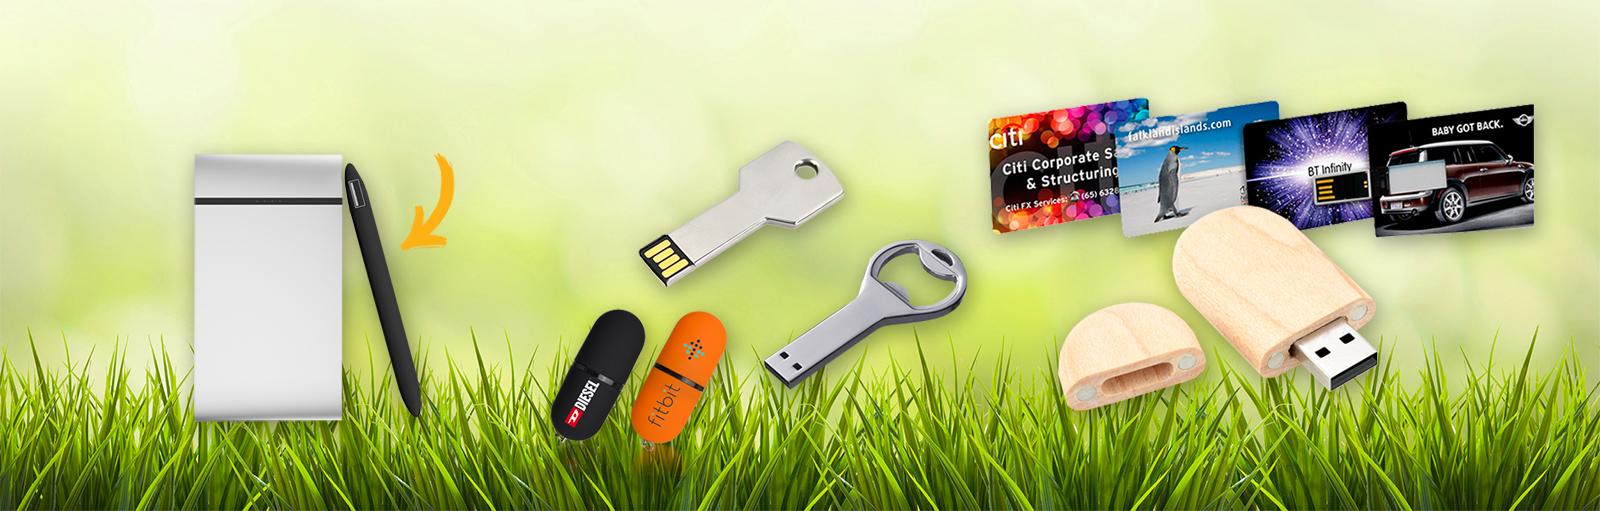 Gratis powerbank cadeau bij uw USB bestelling